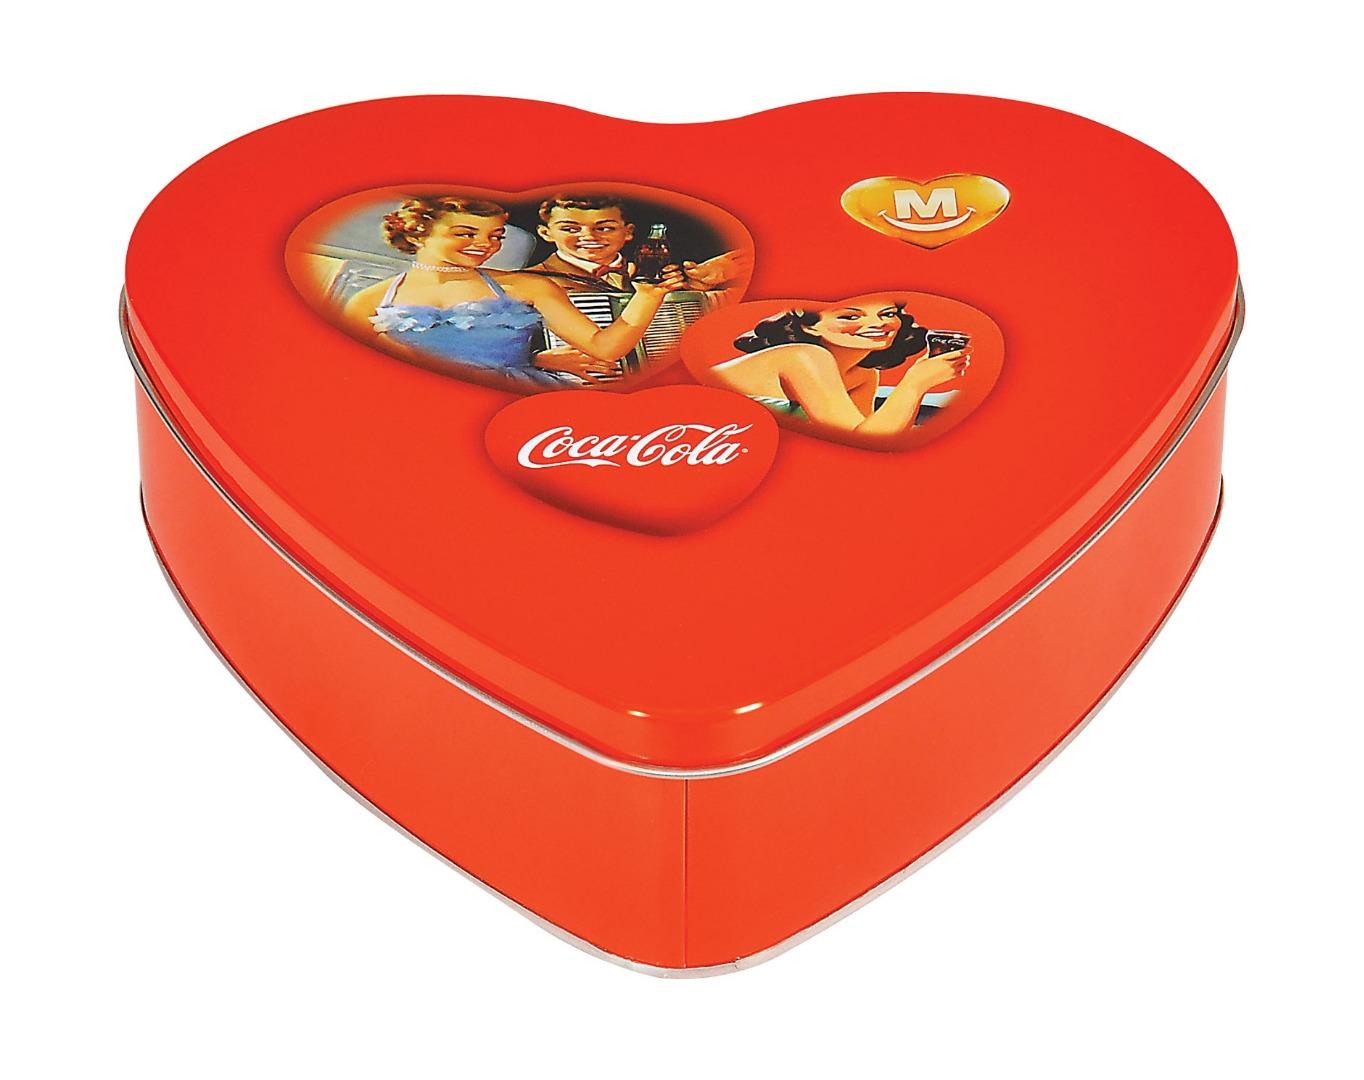 Coca Cola - 235x223x60 h. - Metal Box - Heart -